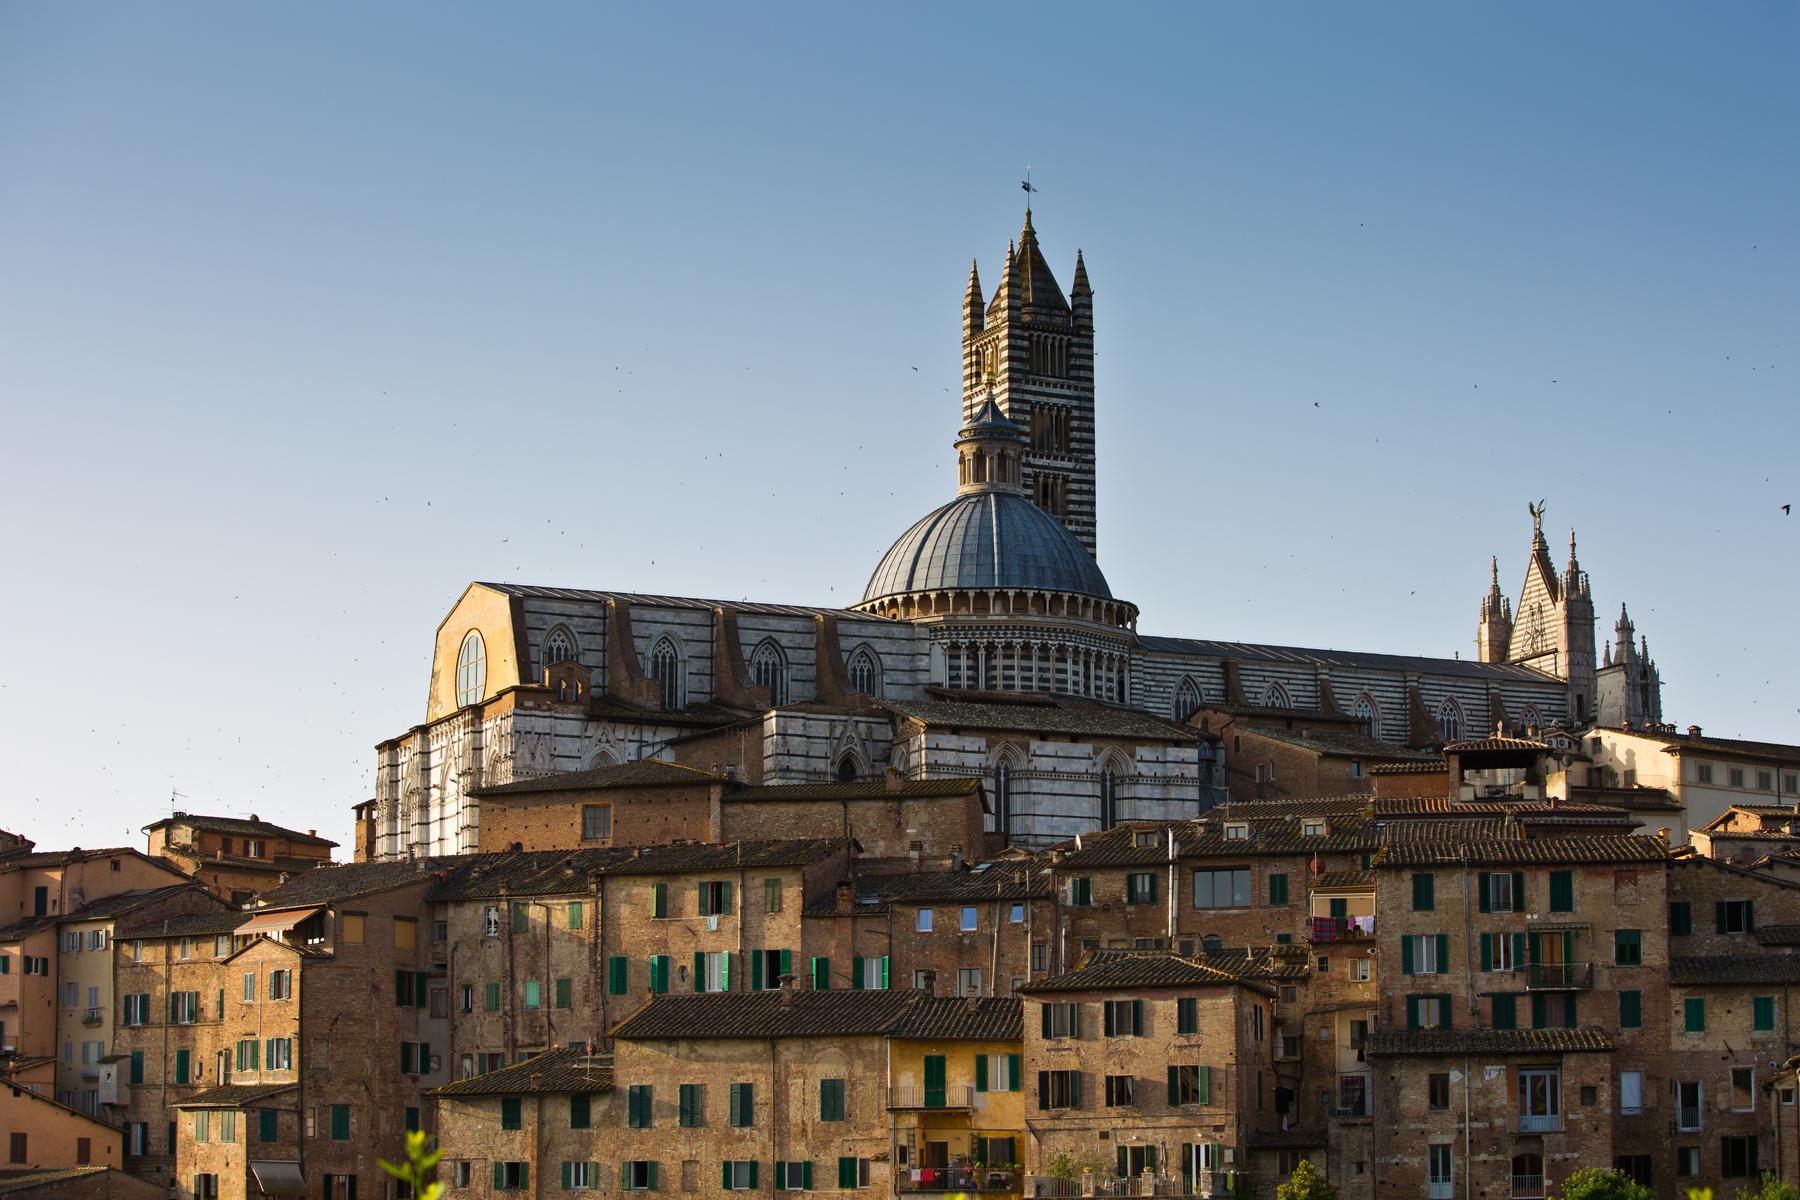 Cattedrale di Santa Maria Assunta)